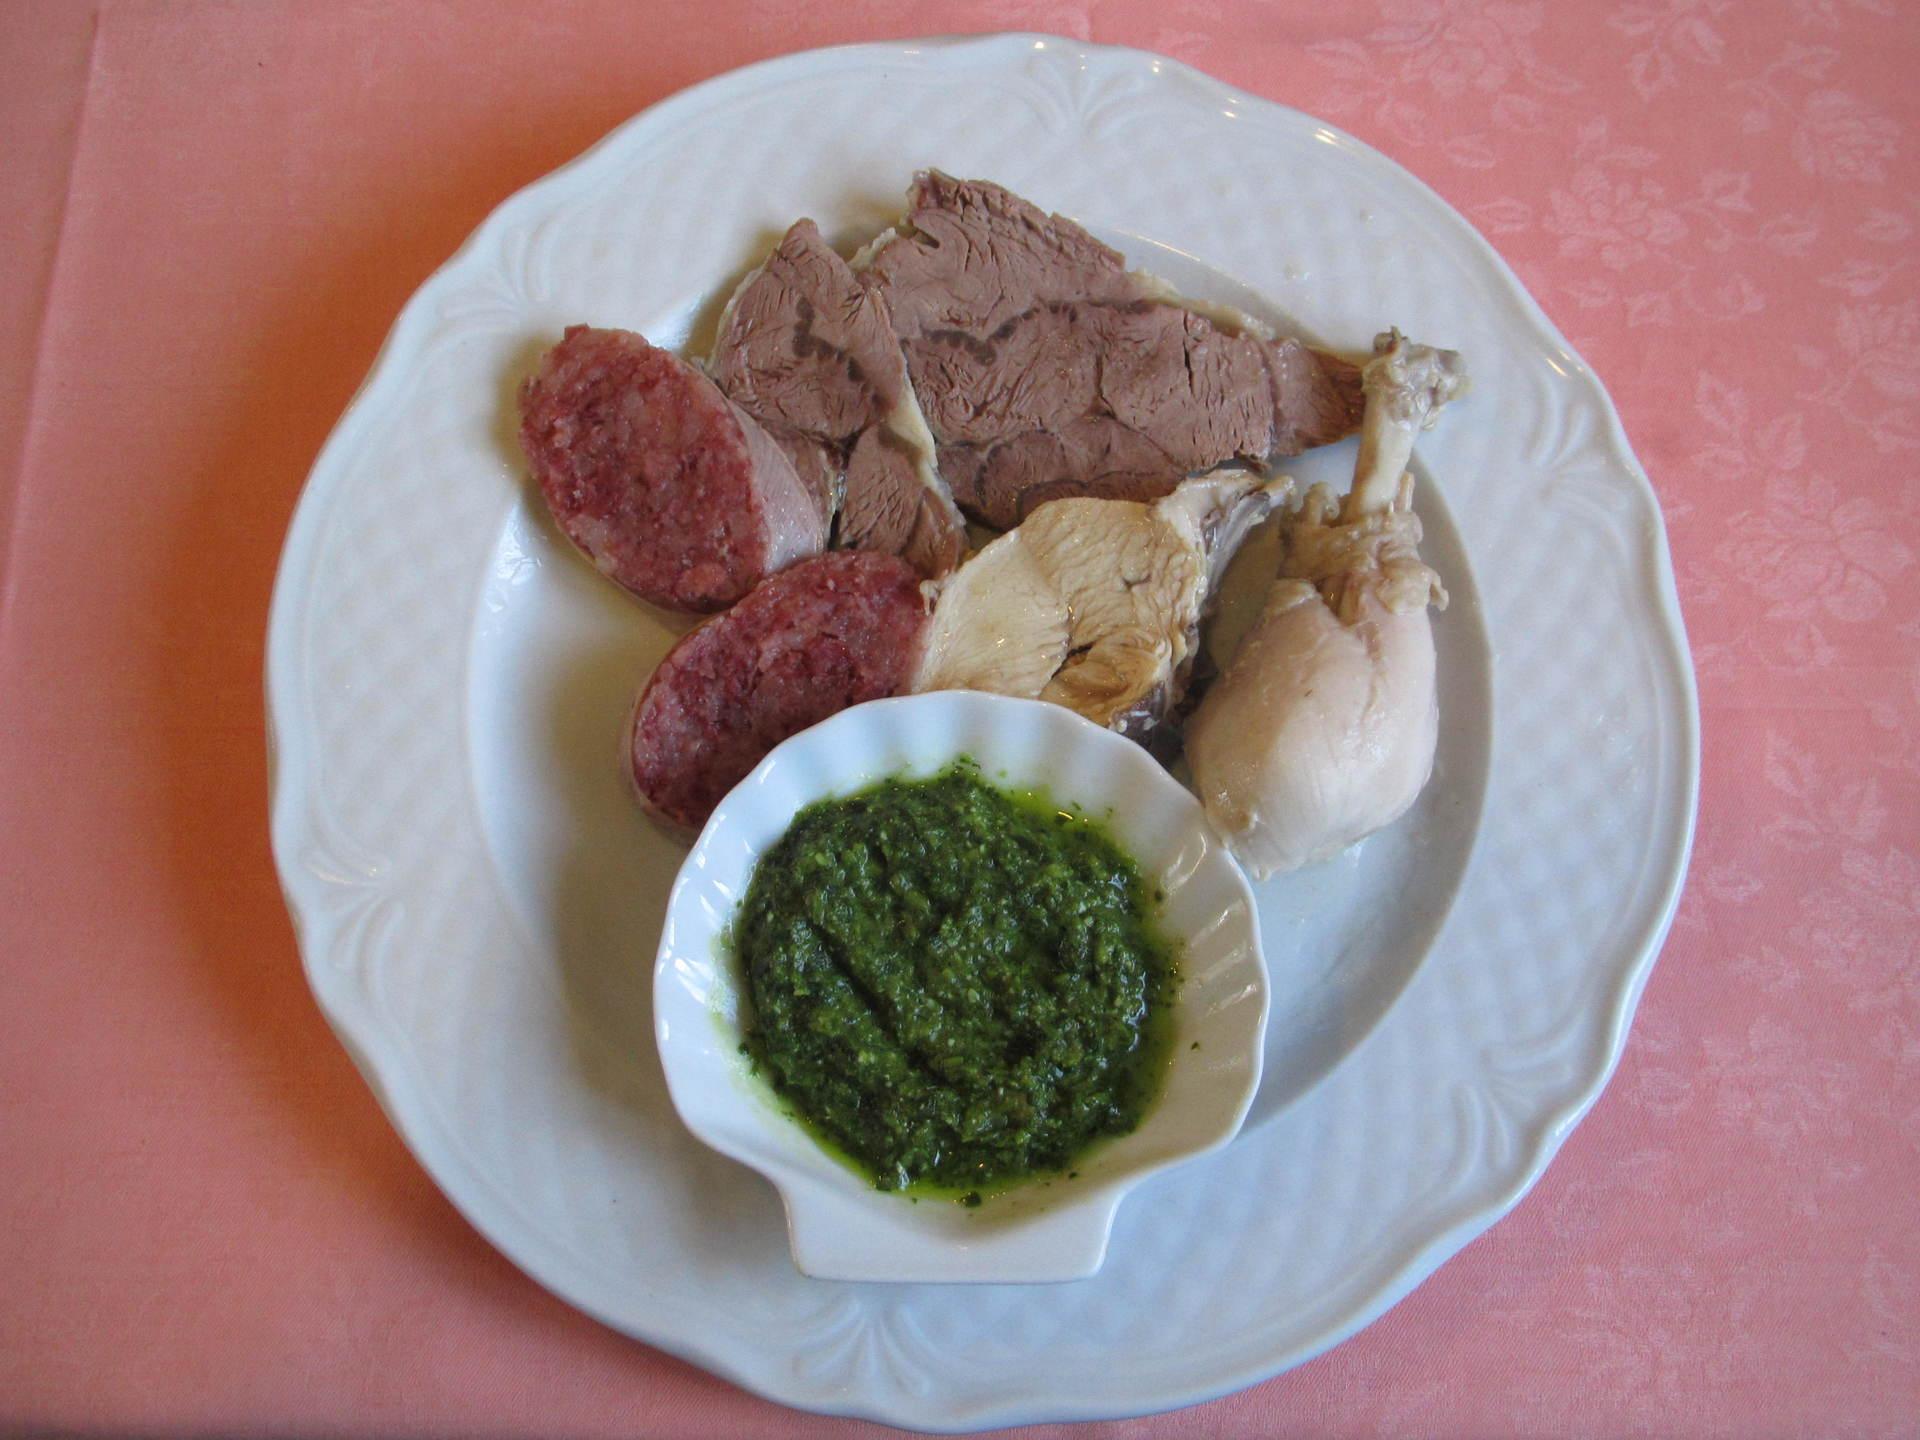 coniglio e rollet di carne con salsa verde